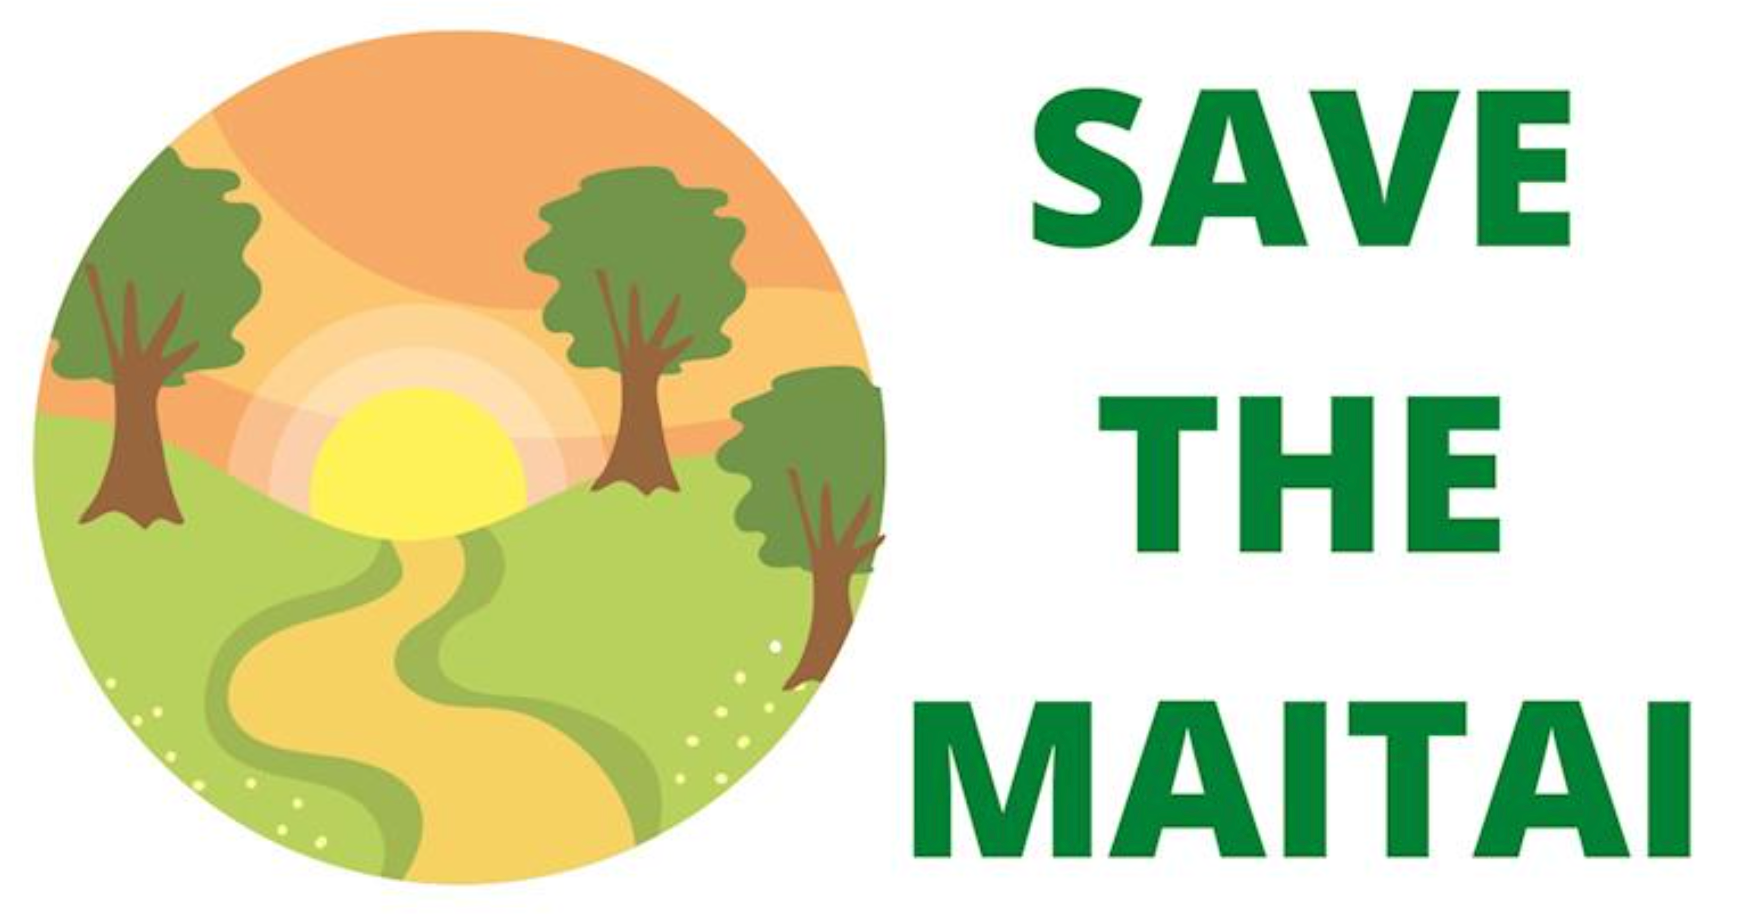 Save the Maitai